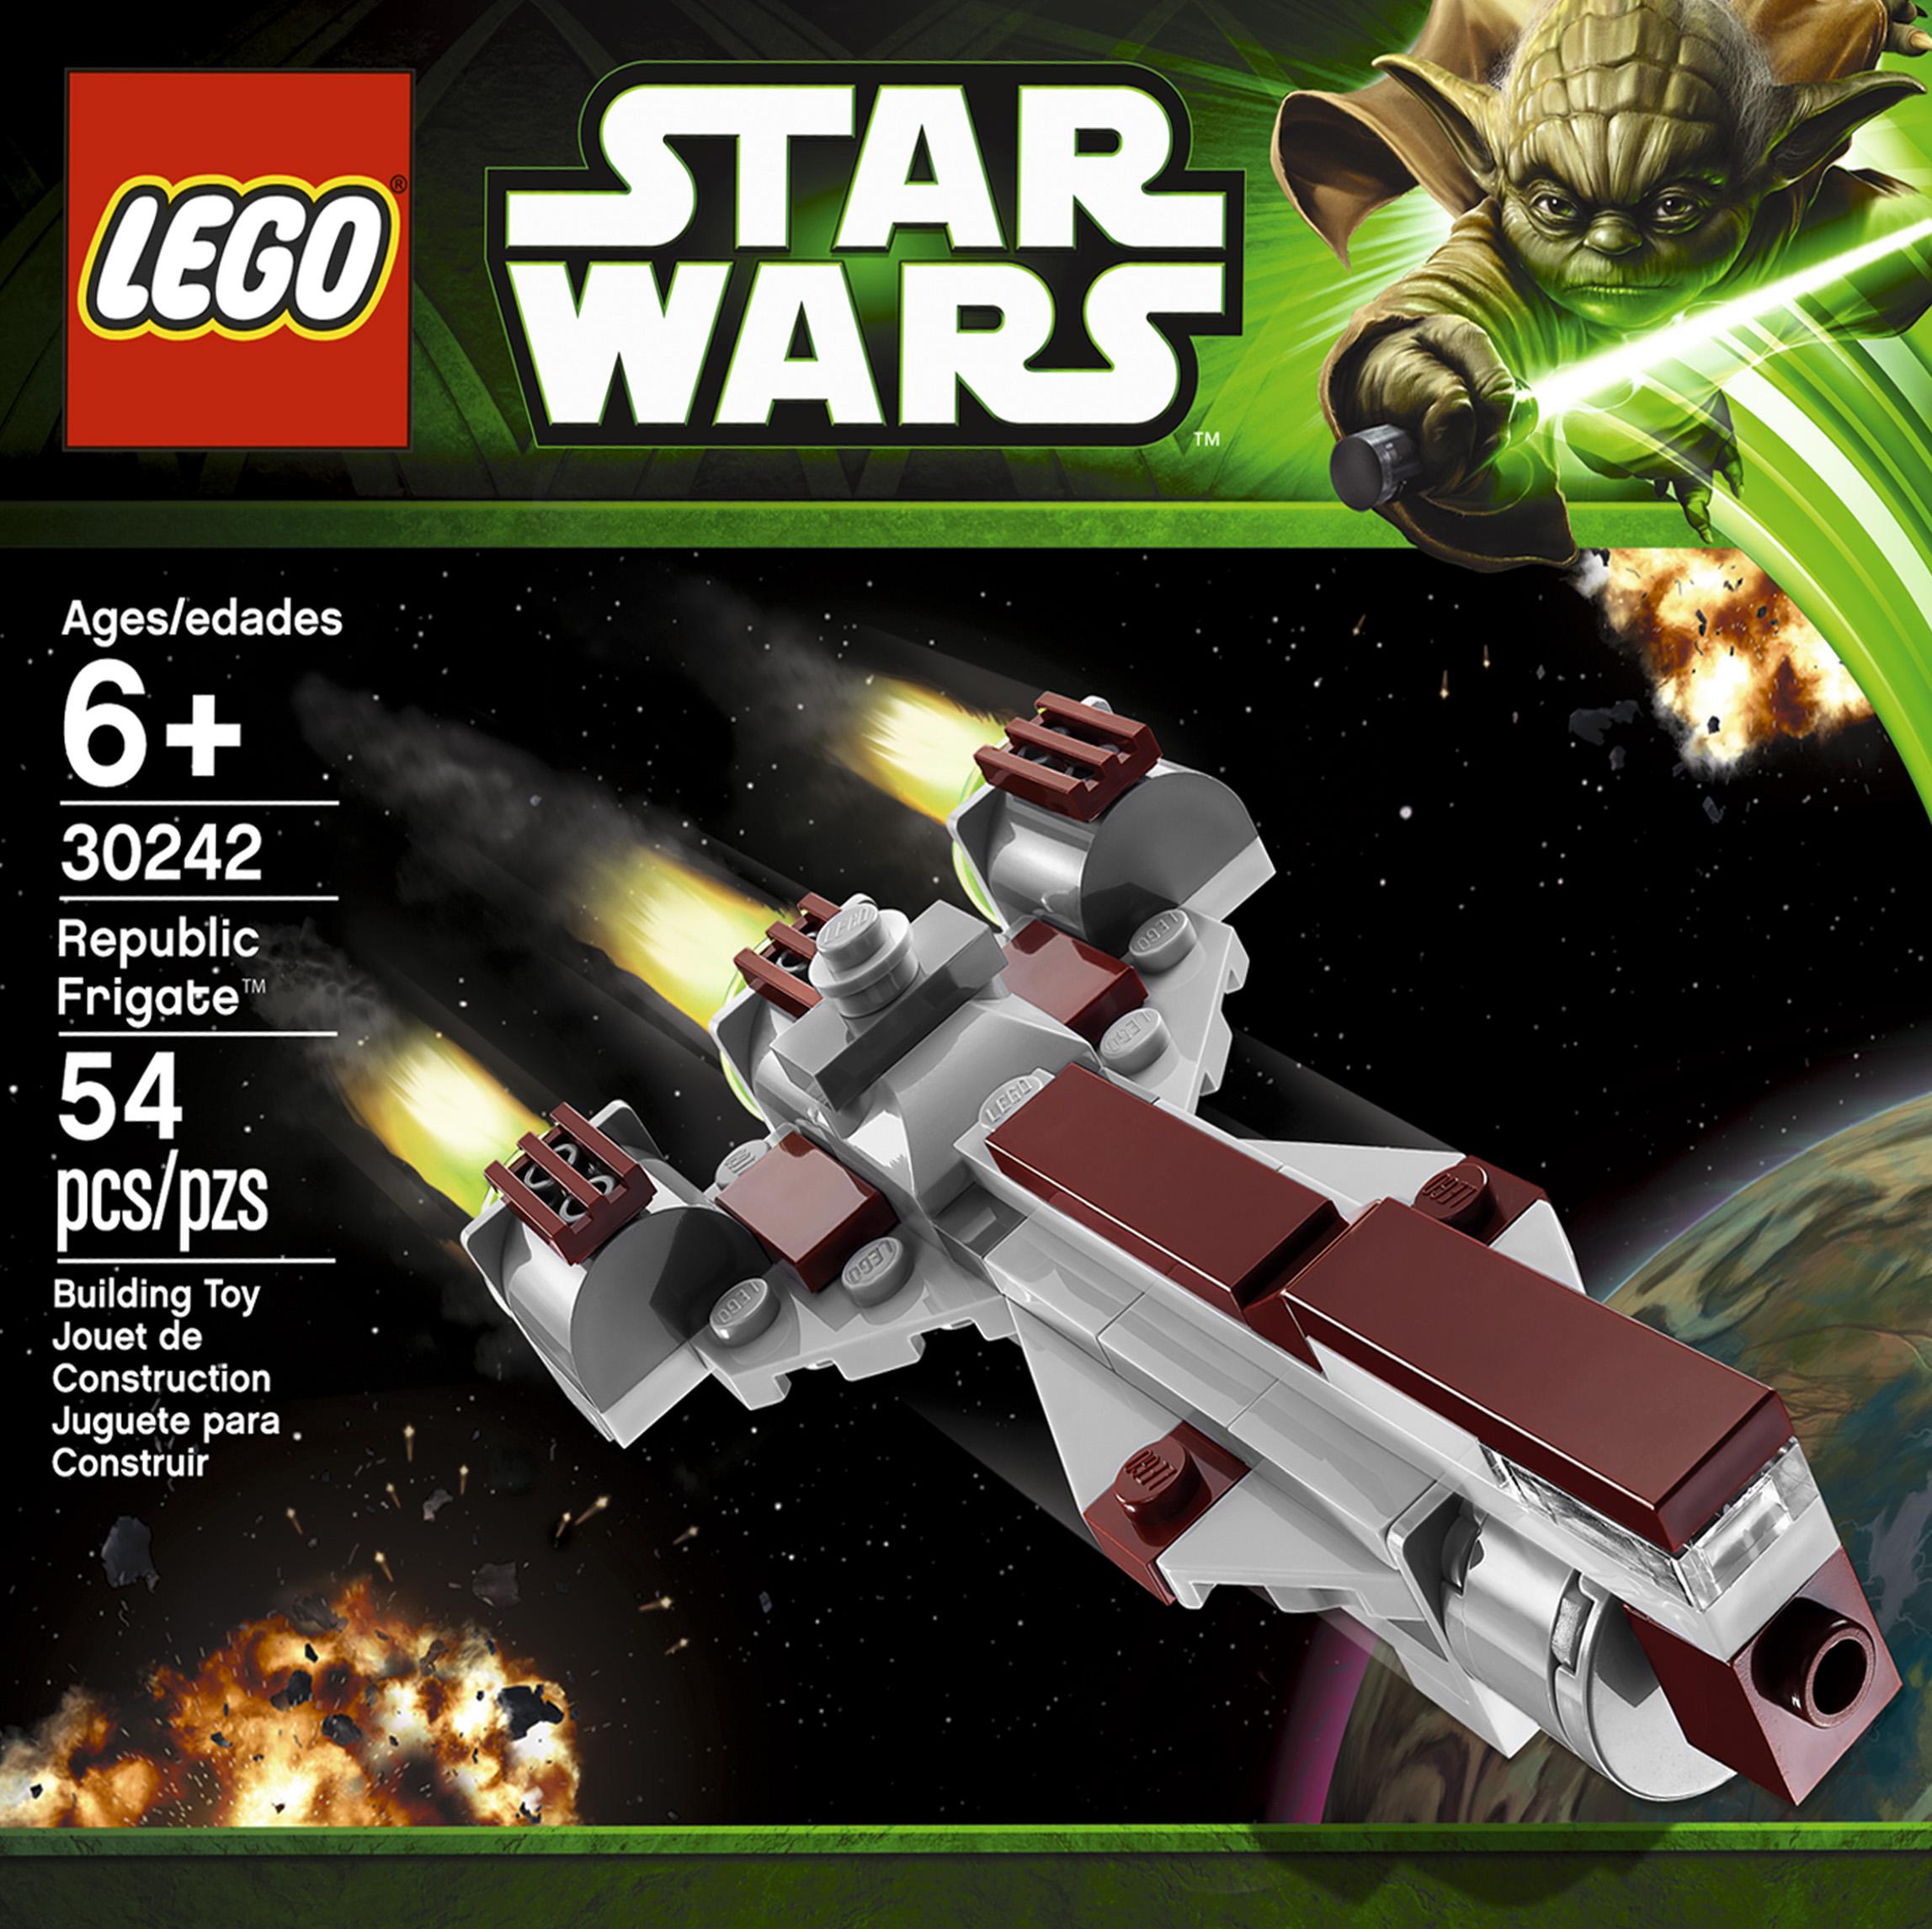 Mini Republic Frigate Collection Star Wars Universe Lego 7665 Cruiser 30242 1